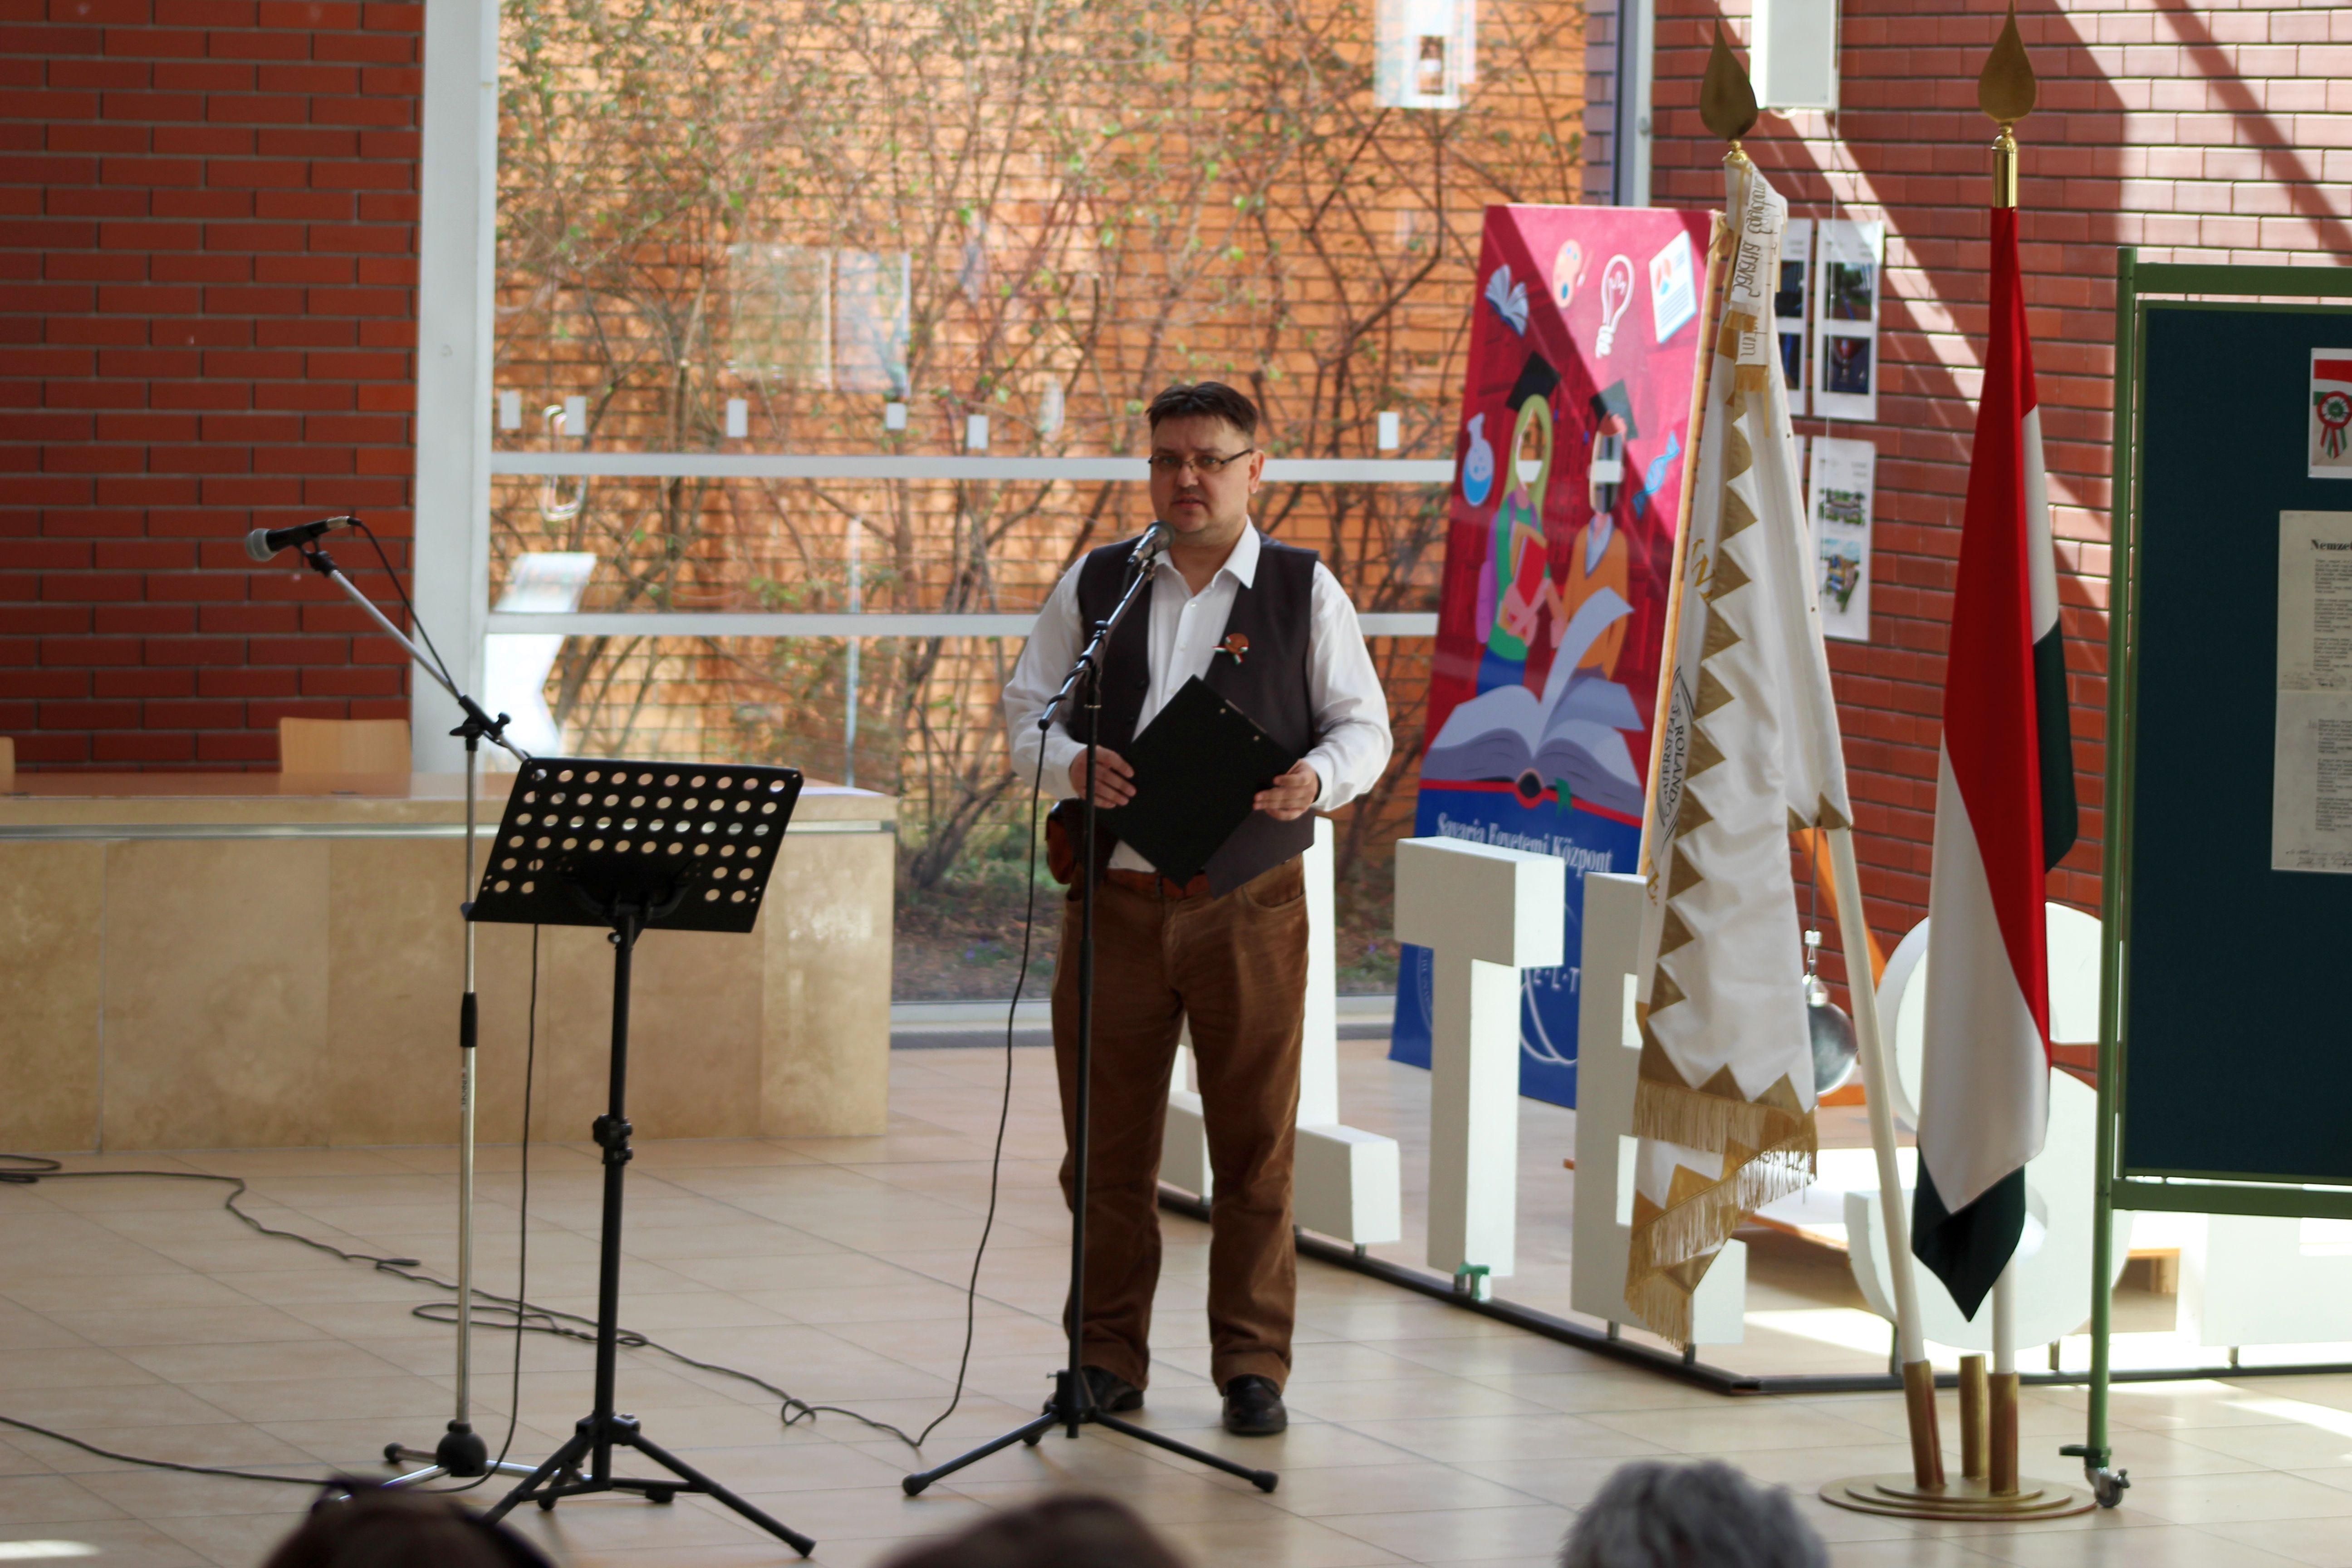 Március 15-i ünnepség a Savaria Egyetemi Központban (14)